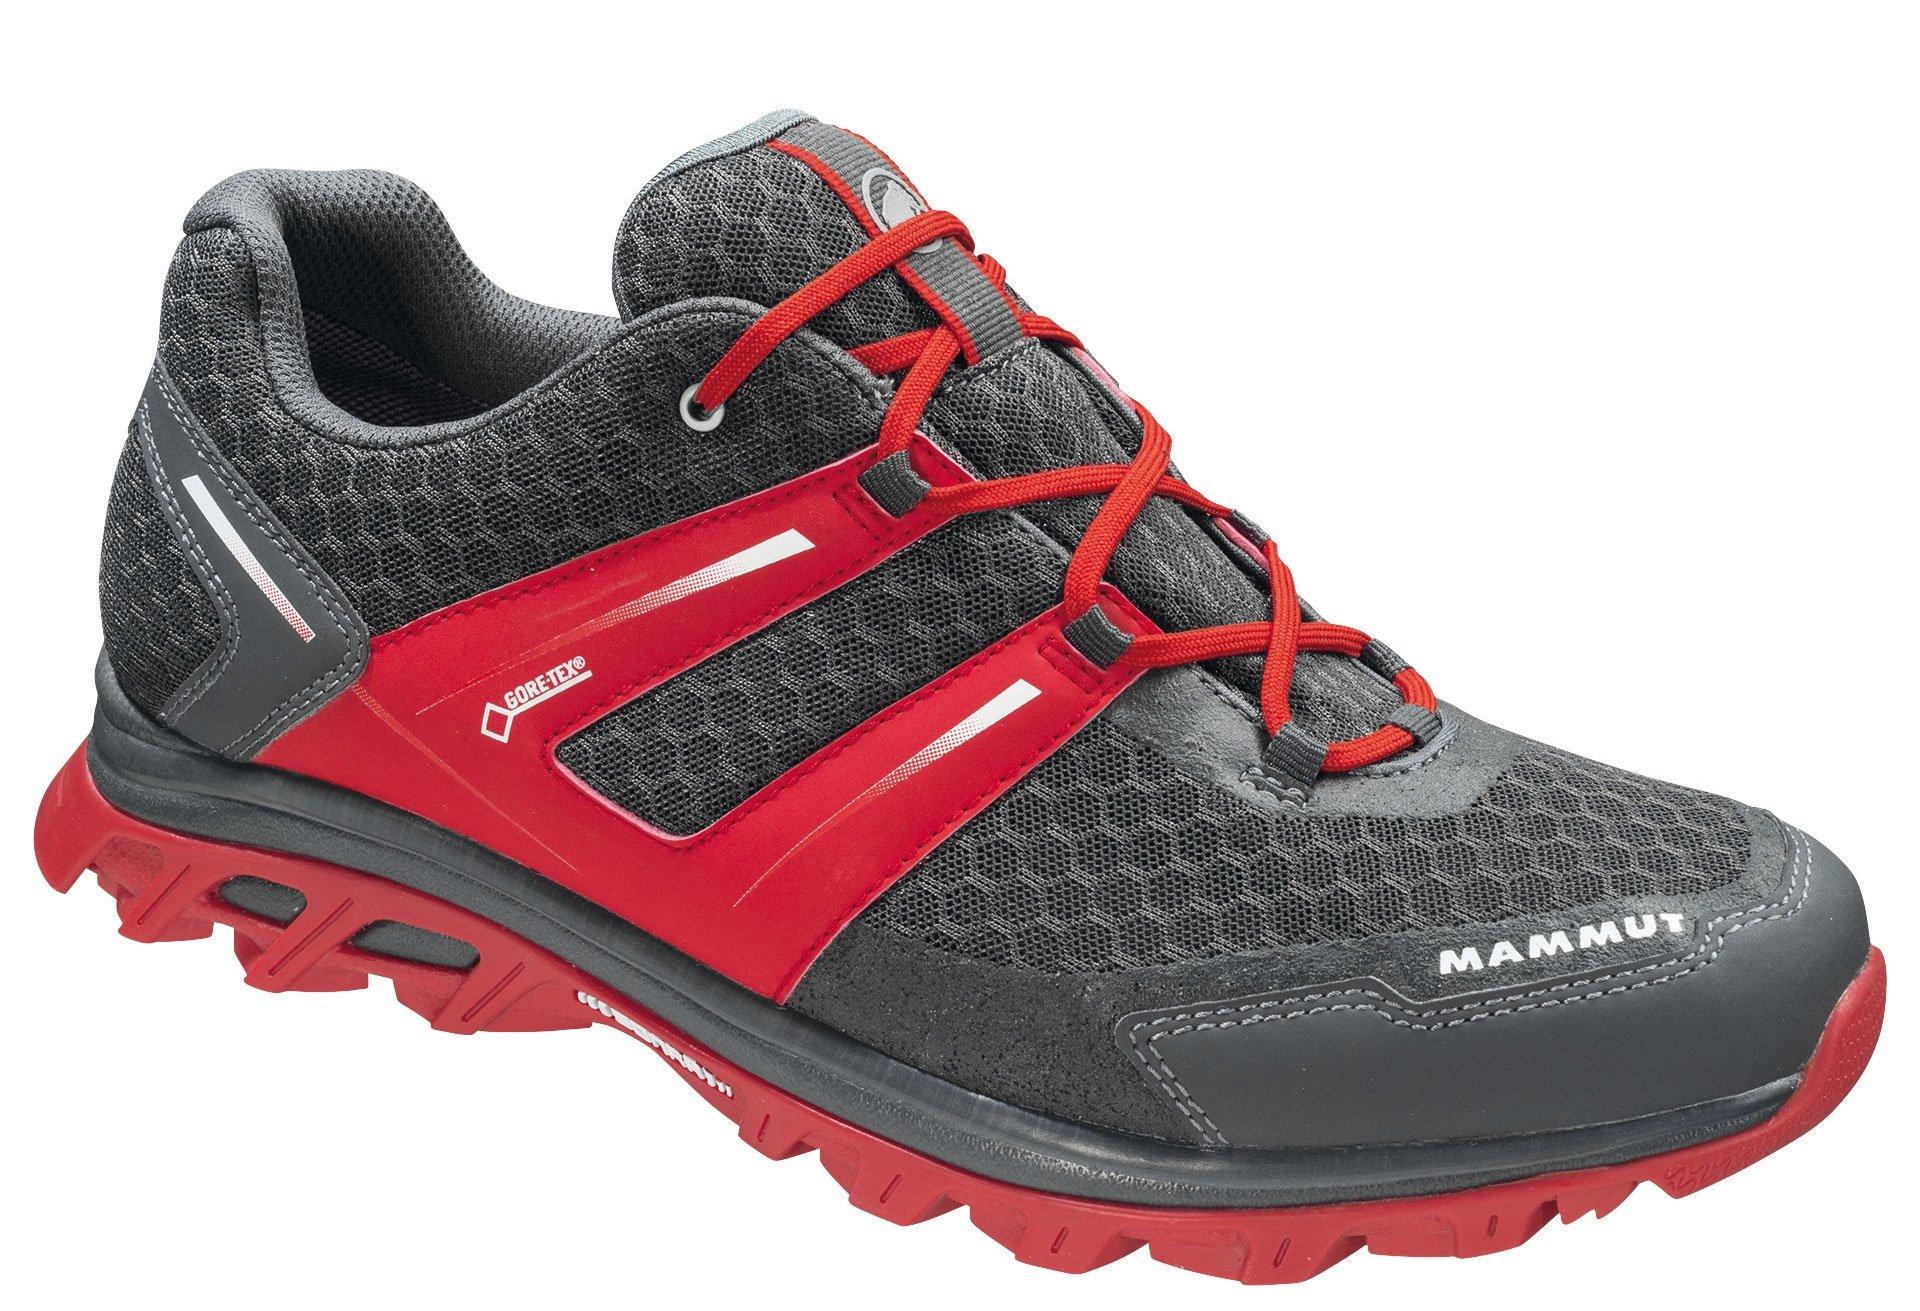 Raichle / Mammut MTR 71 Trail Low GTX Men graphite/inferno 45 1/3 EU=10.5 UK: Amazon.es: Deportes y aire libre